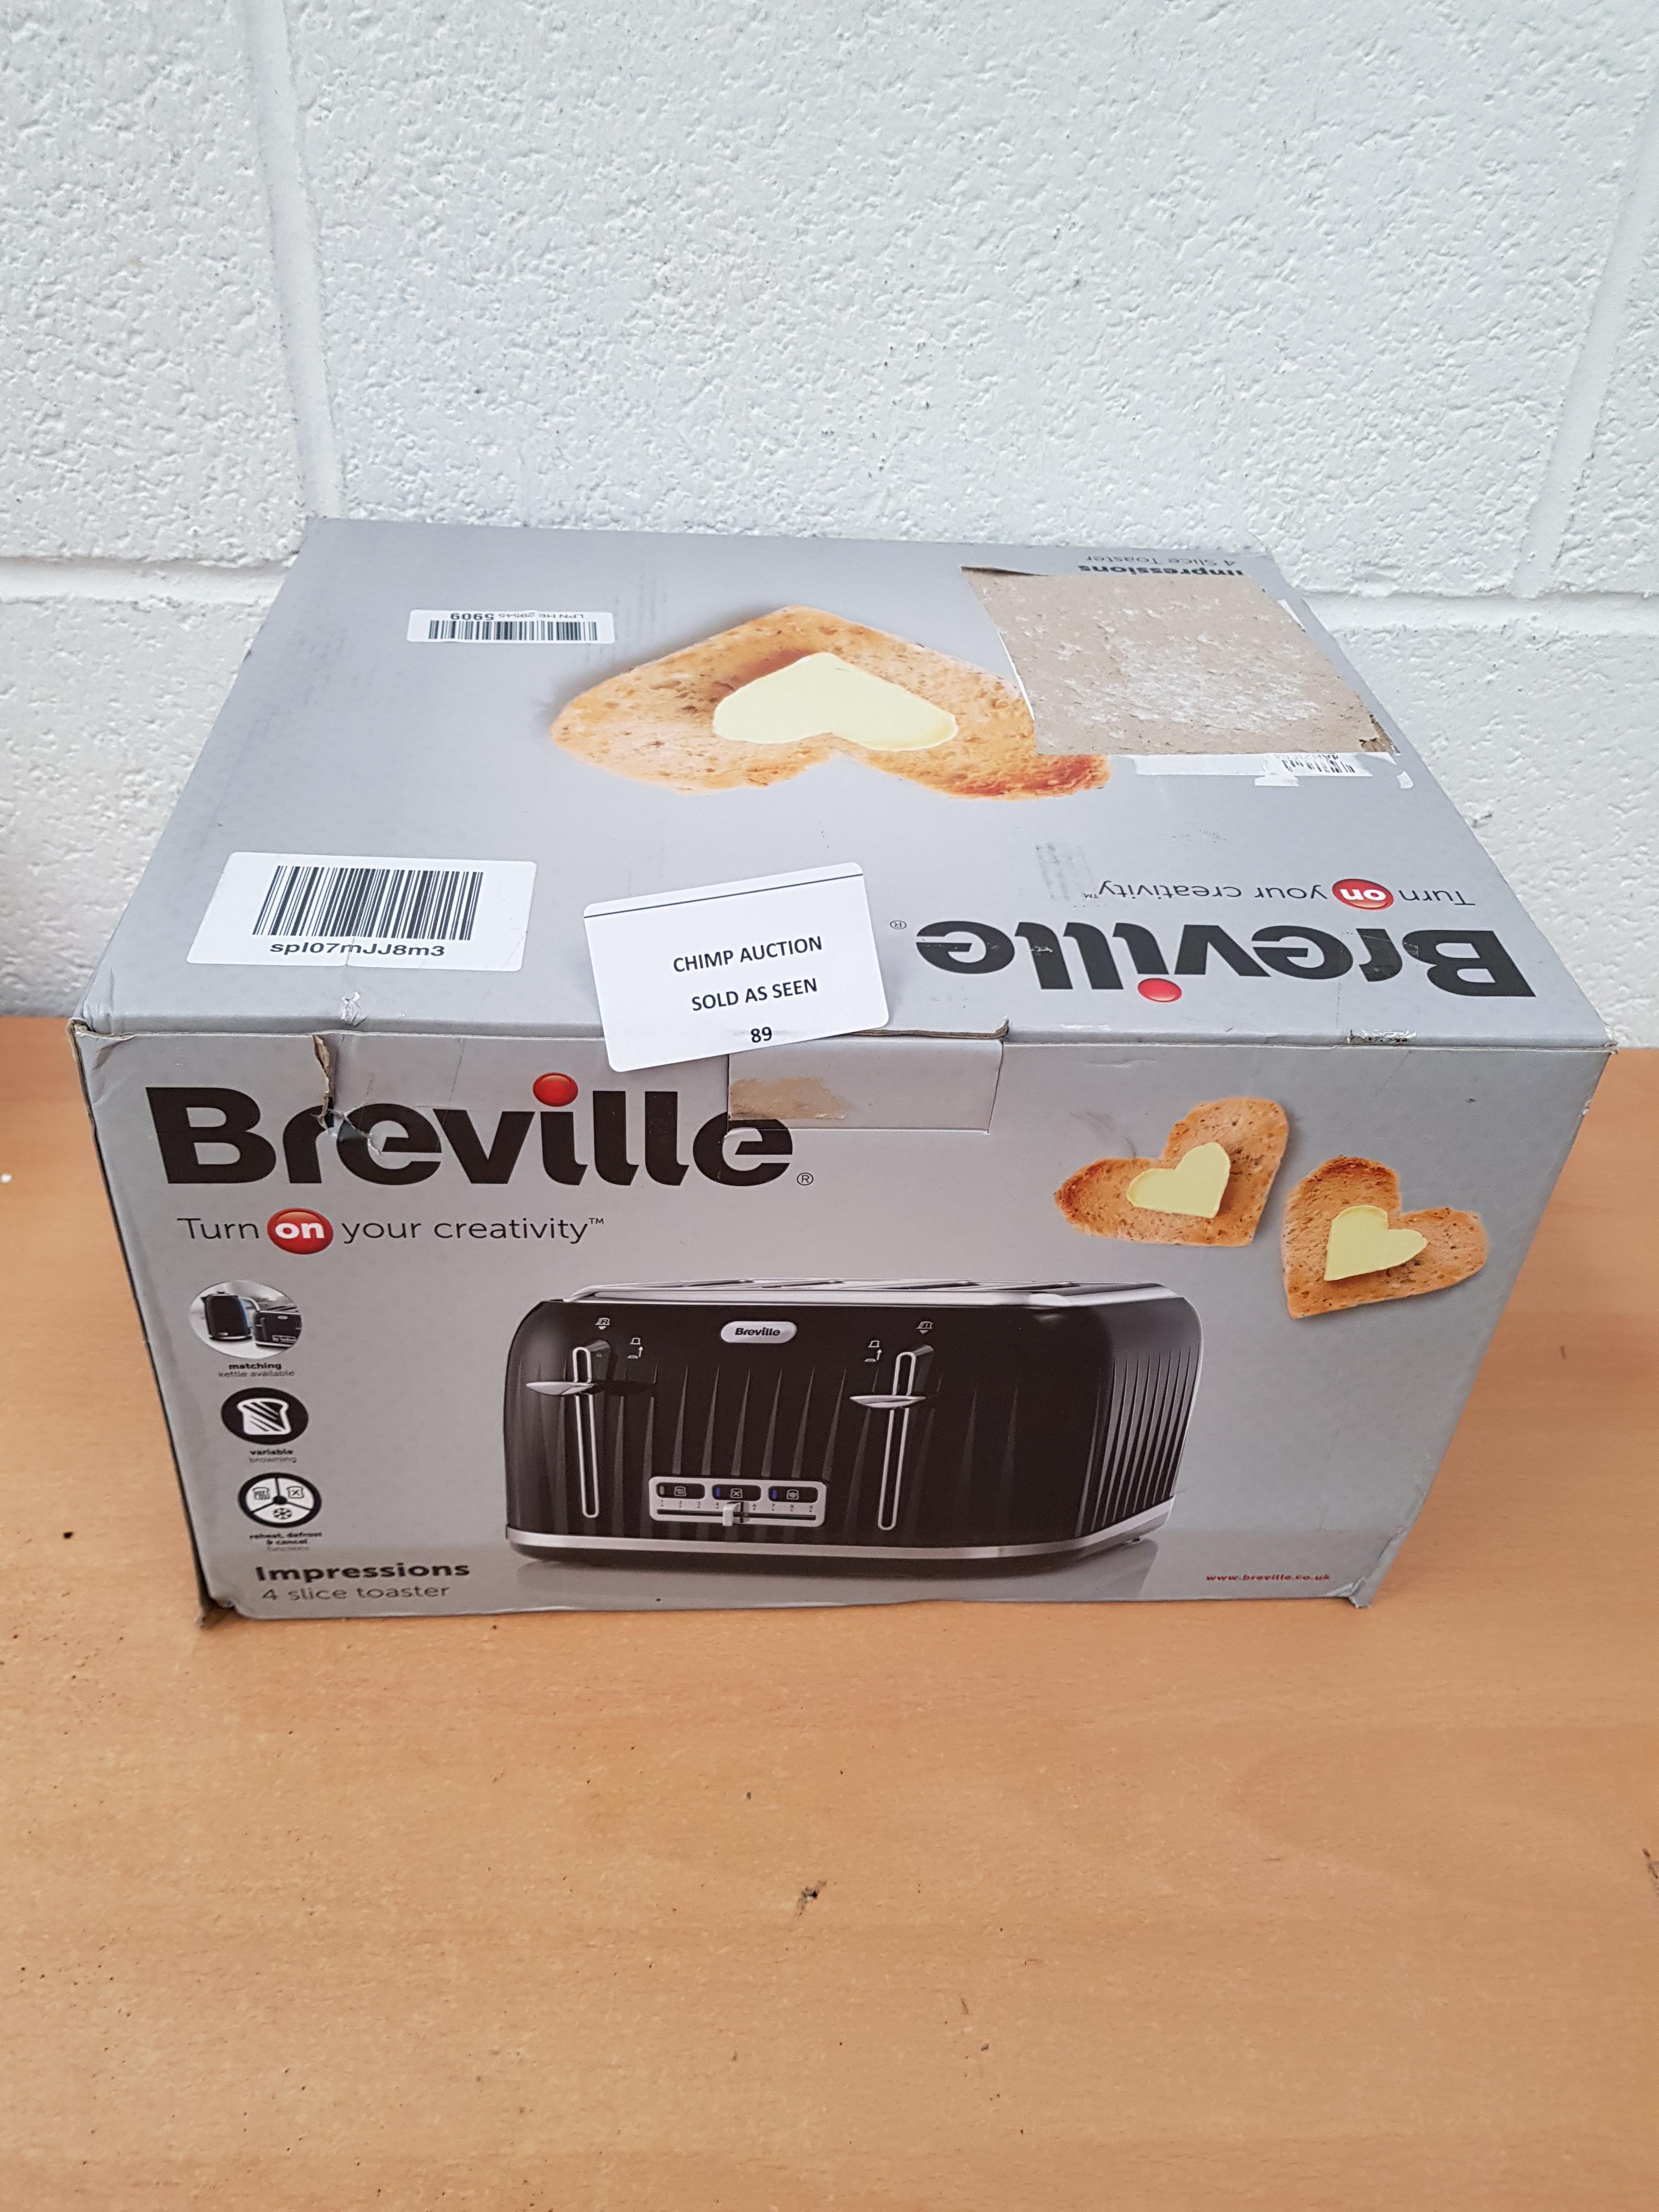 Lot 89 - Breville Impressions 4 slice toaster